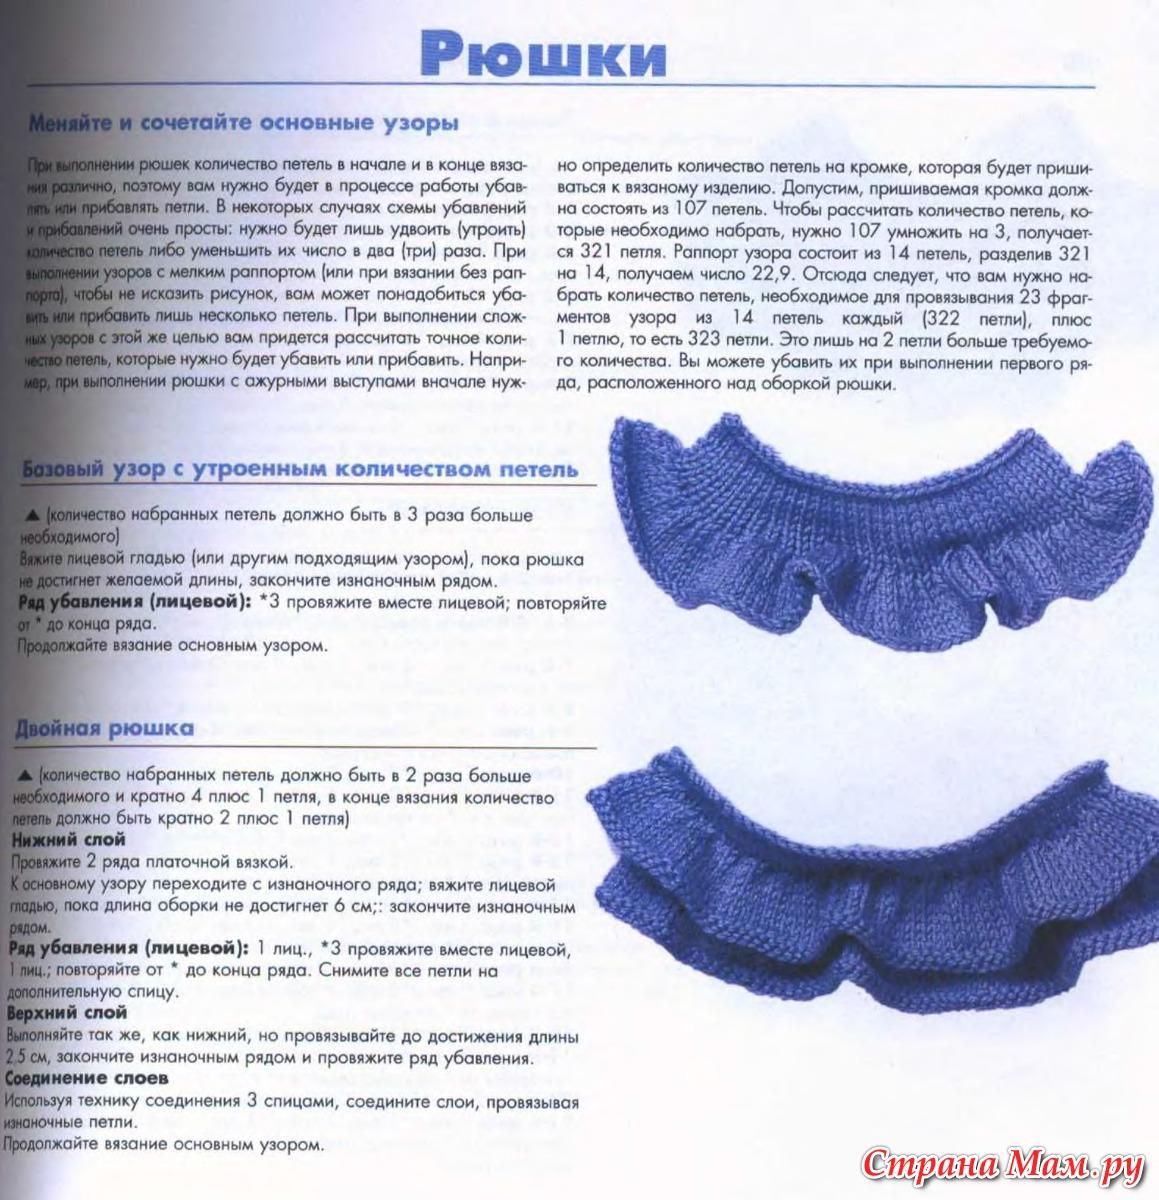 Схемы для юбок и рюшей - LiveInternet 13